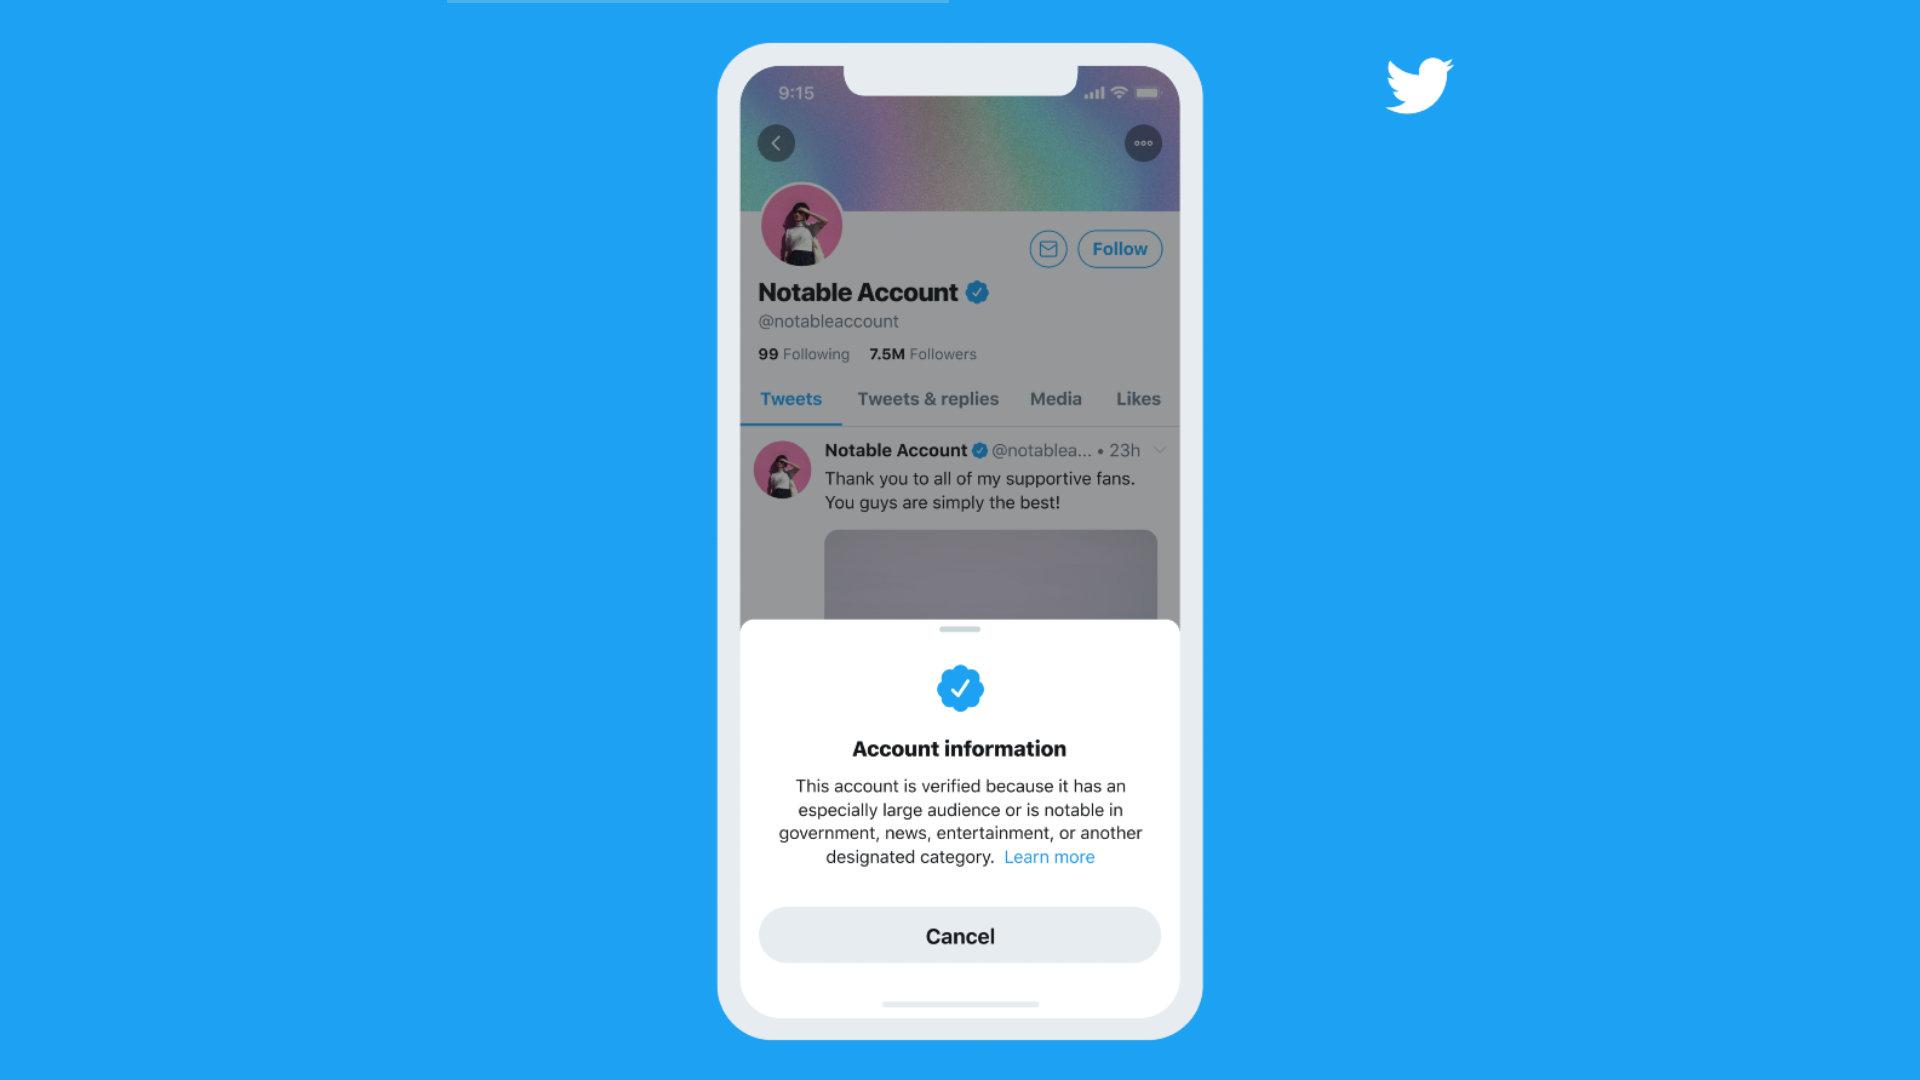 Novo processo de verificação de contas do twitter